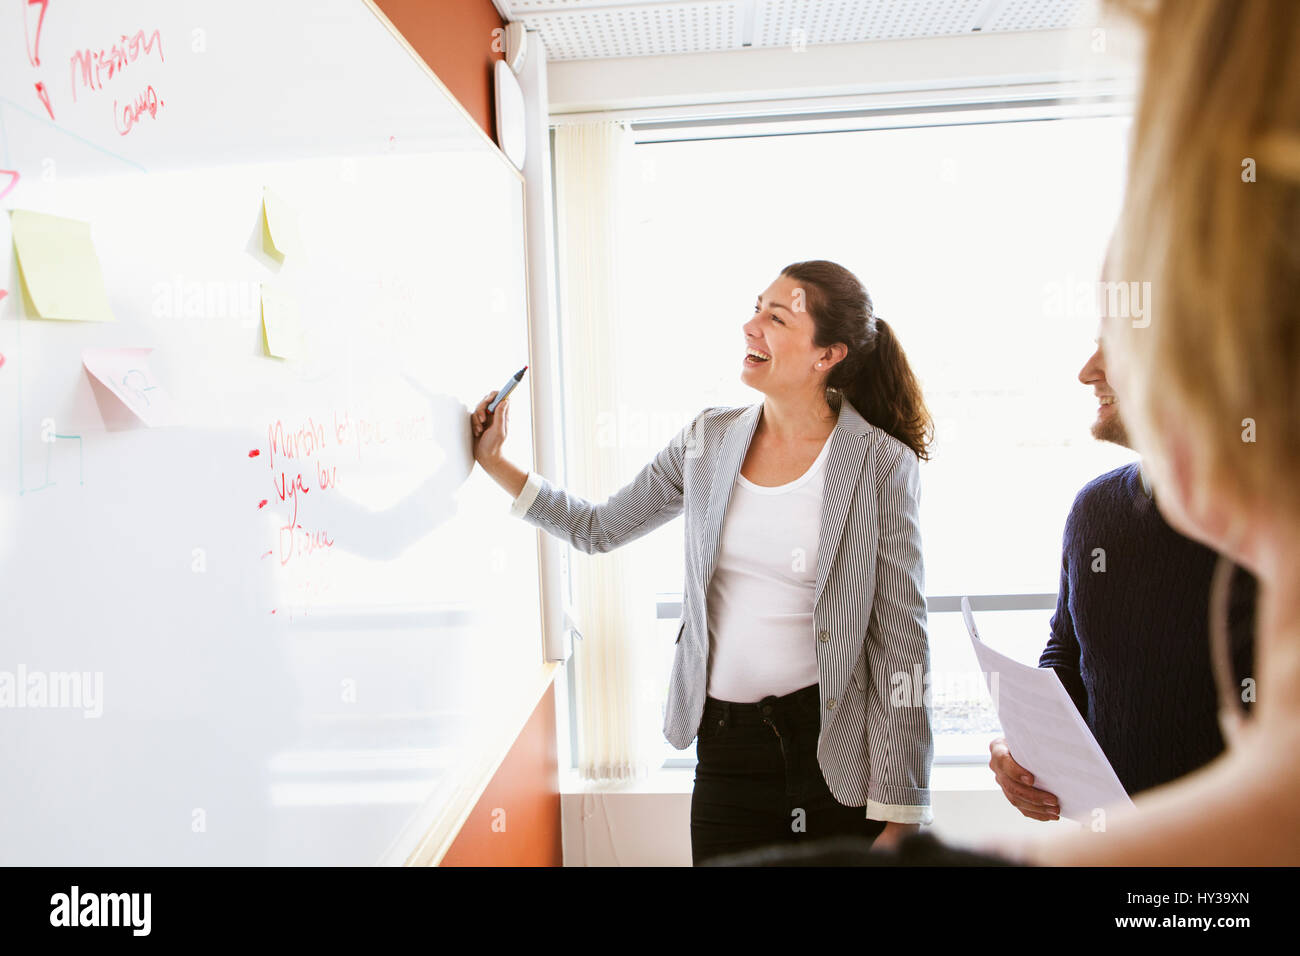 La Svezia, imprenditrice permanente al bordo e ridendo durante la riunione di affari Immagini Stock